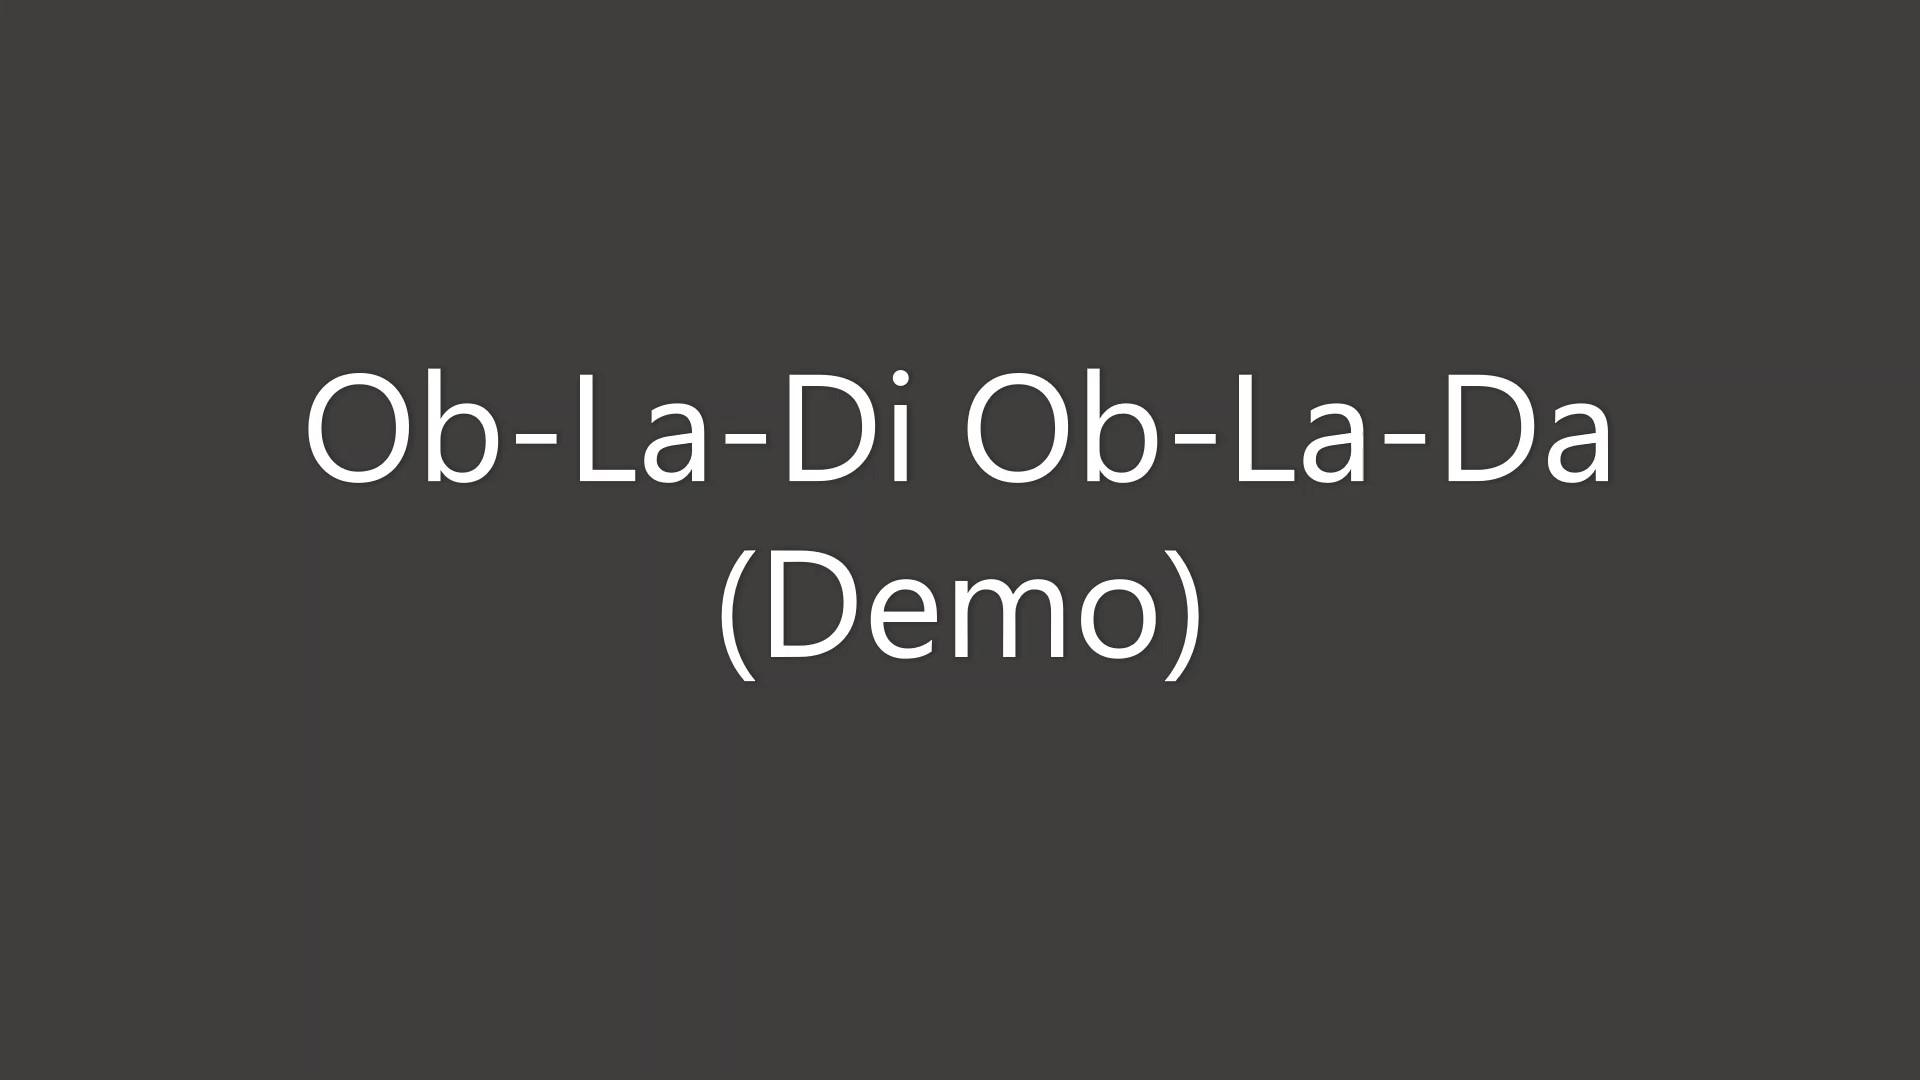 Ob-La-Di Ob-La-Da Demo